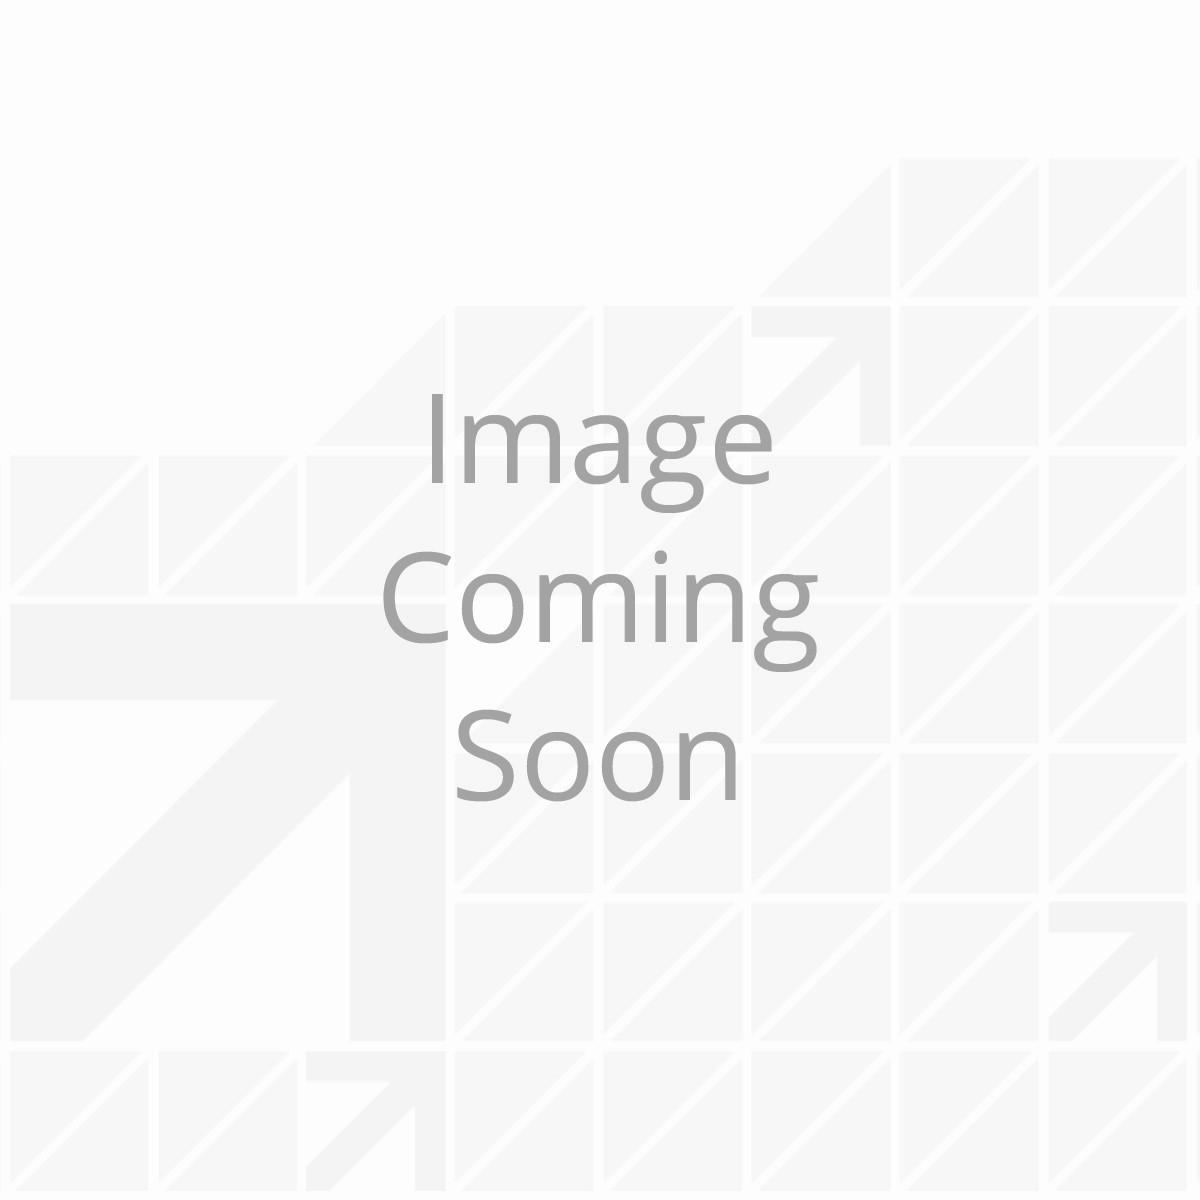 Slipper Spring - Various Options